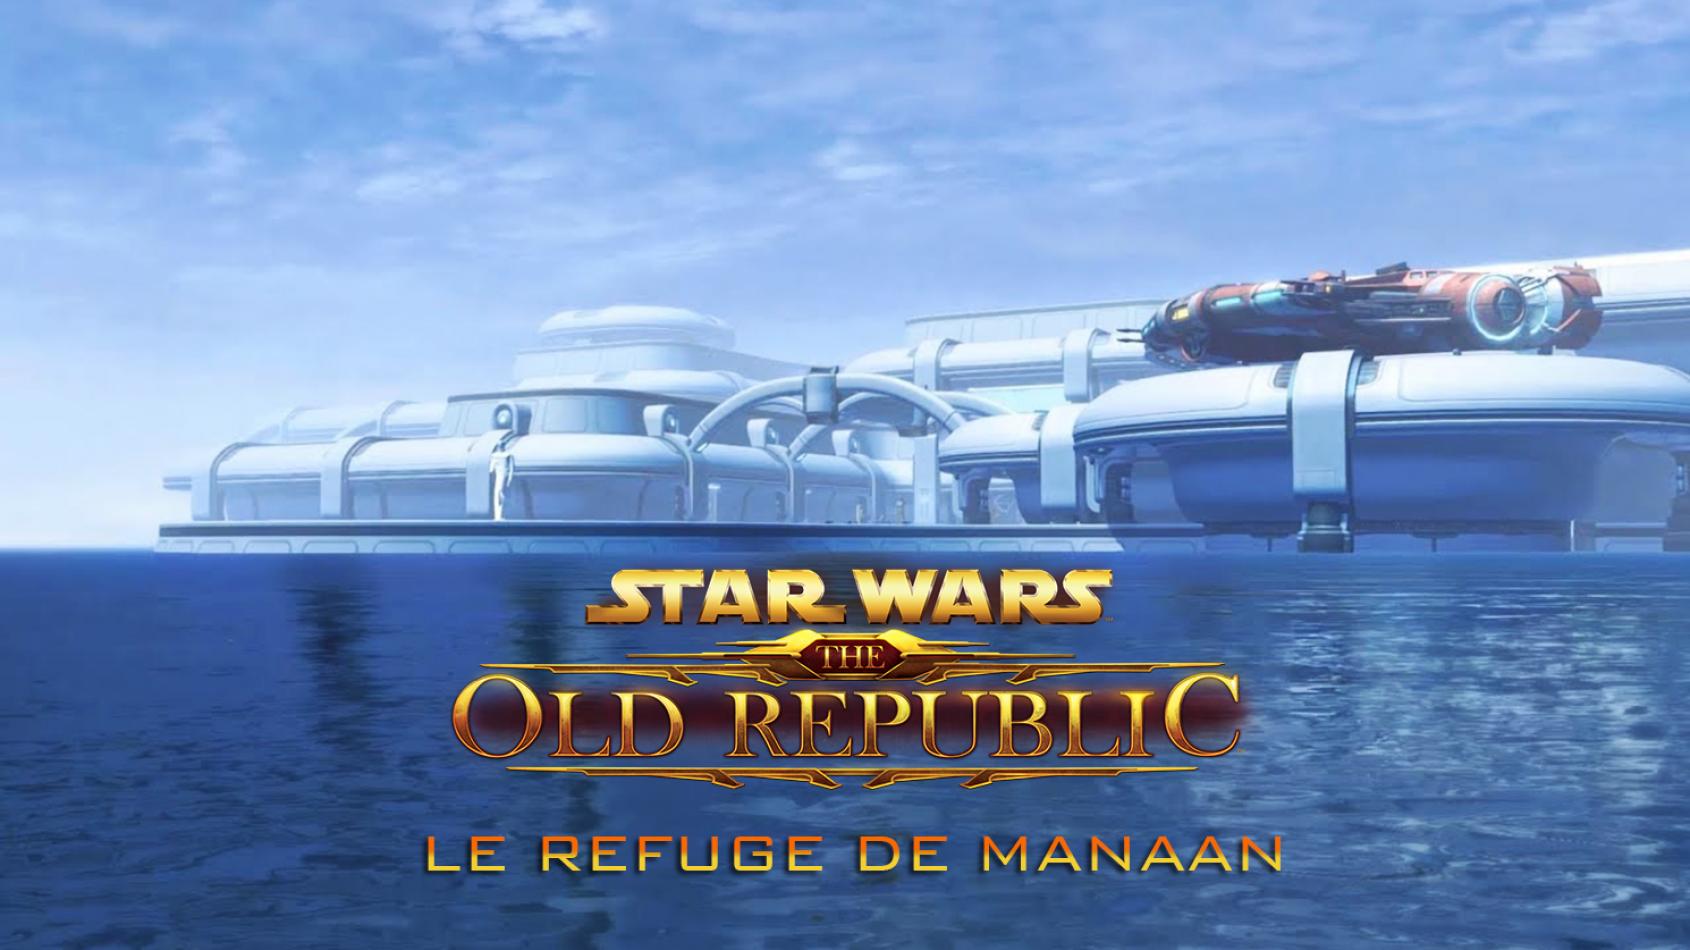 Star Wars The Old Republic: une bande annonce pour le Refuge de Manaan